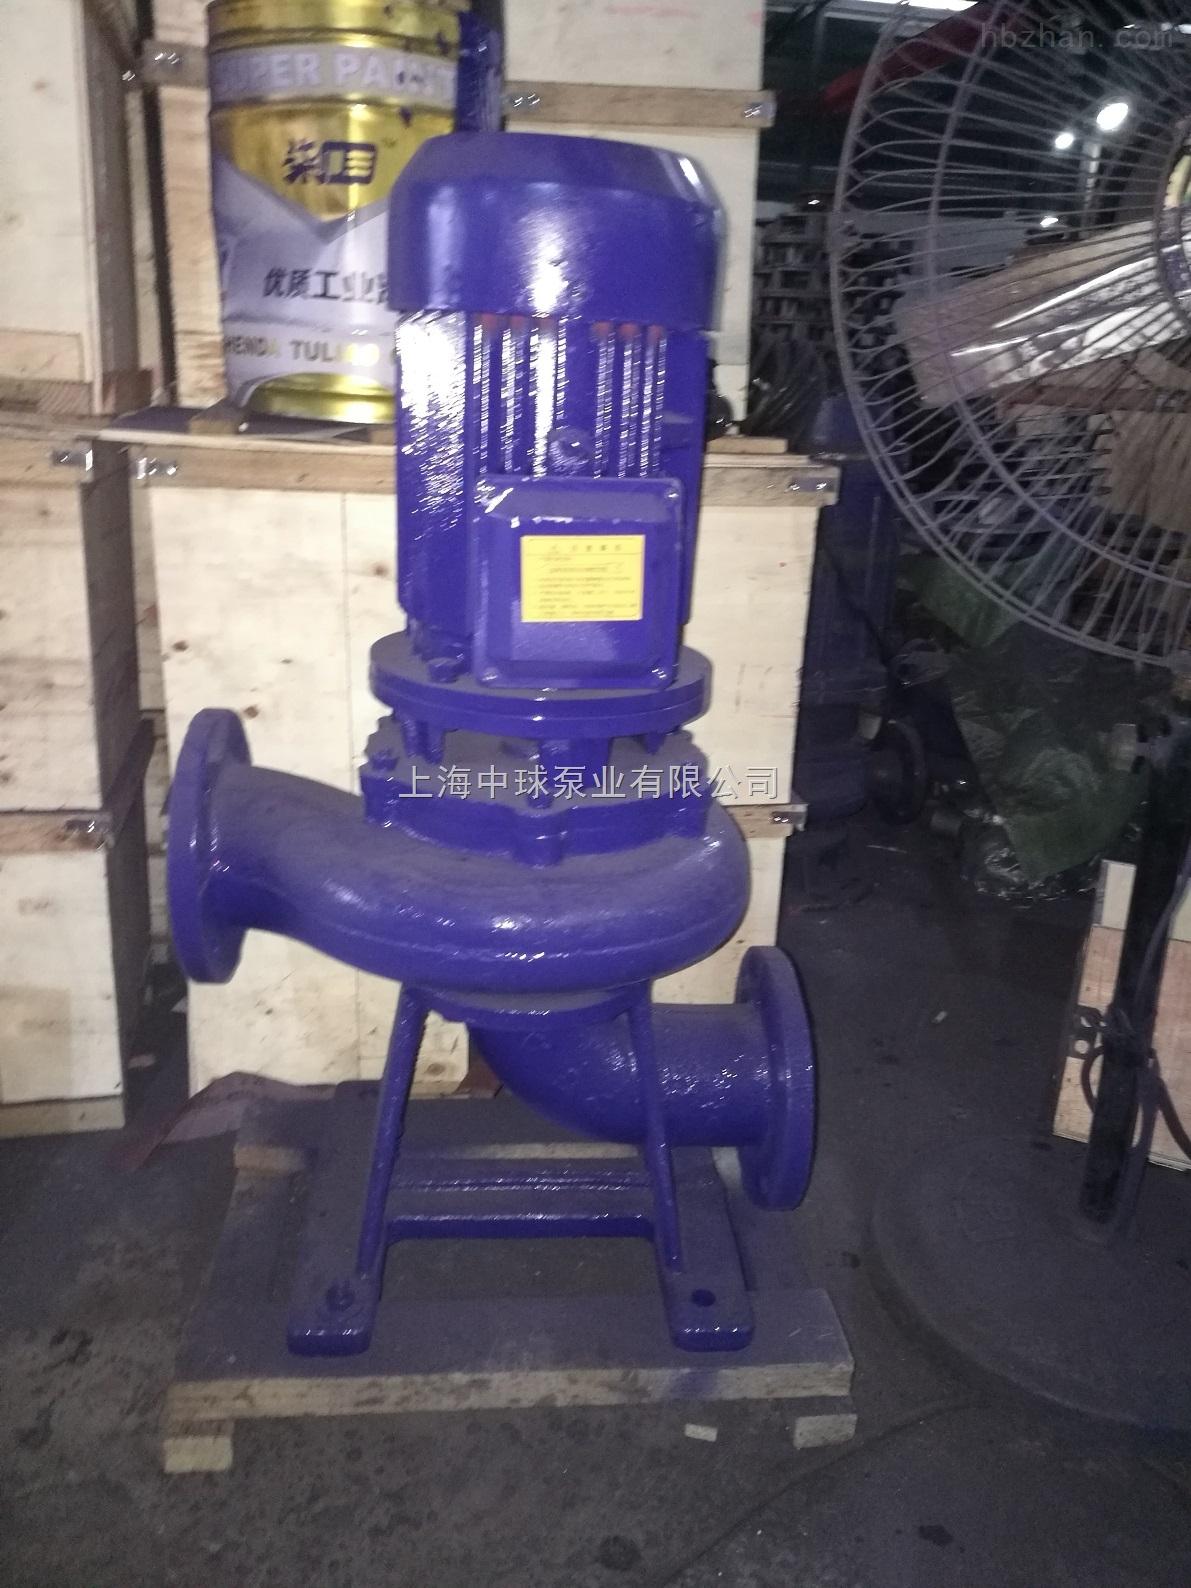 65LW30-40-7.5无堵塞立式排污泵